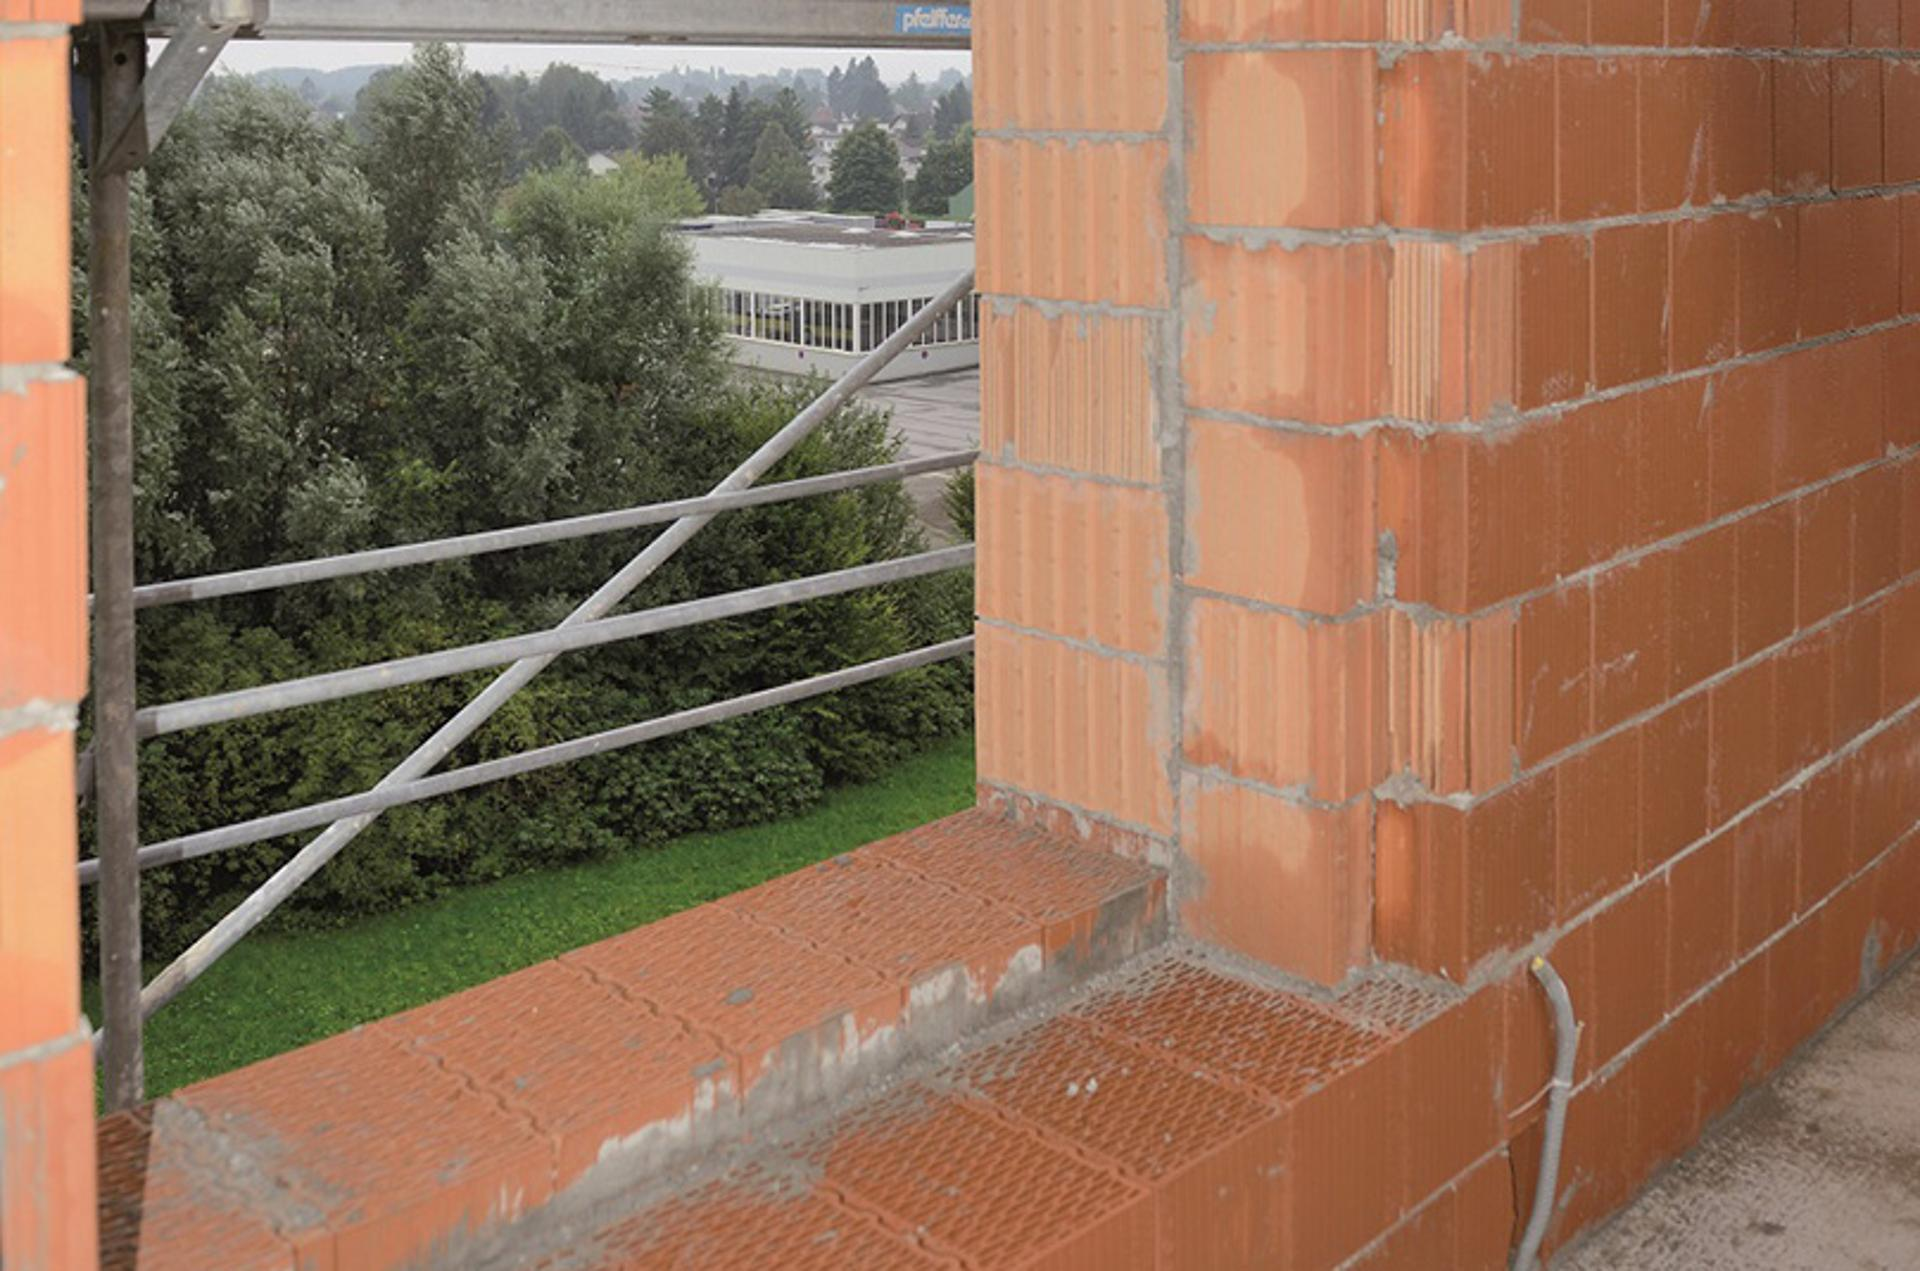 Lustenau Bild 4 format1920xY